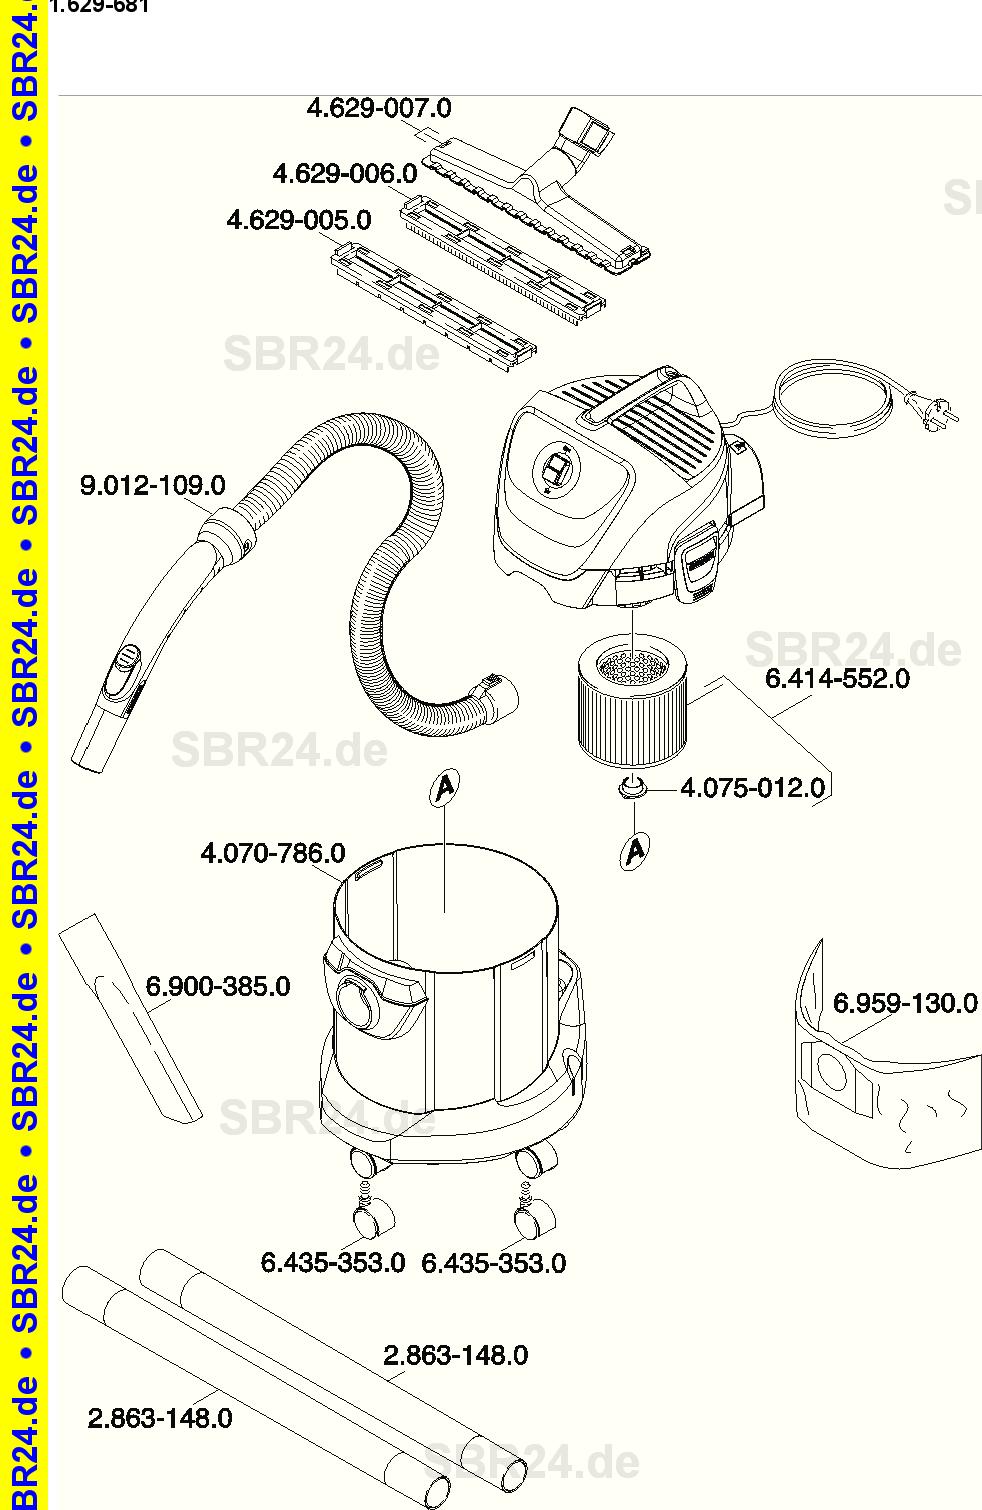 KÄRCHER Ersatzteile Kärcher WD 3.500 P 1.629-681.0